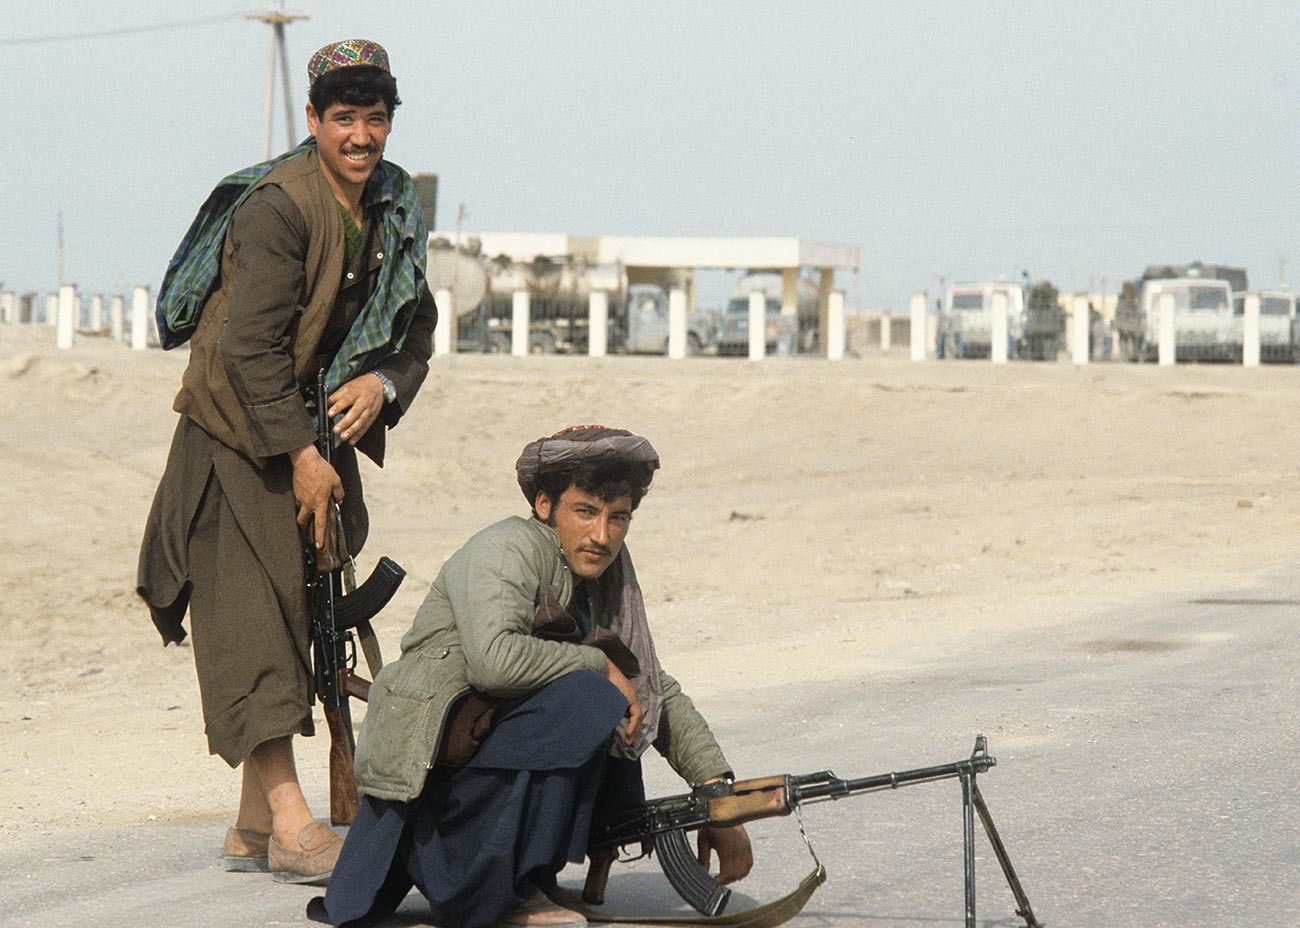 アフガニスタンのムジャーヒディーン兵士(反ソ連のゲリラ)